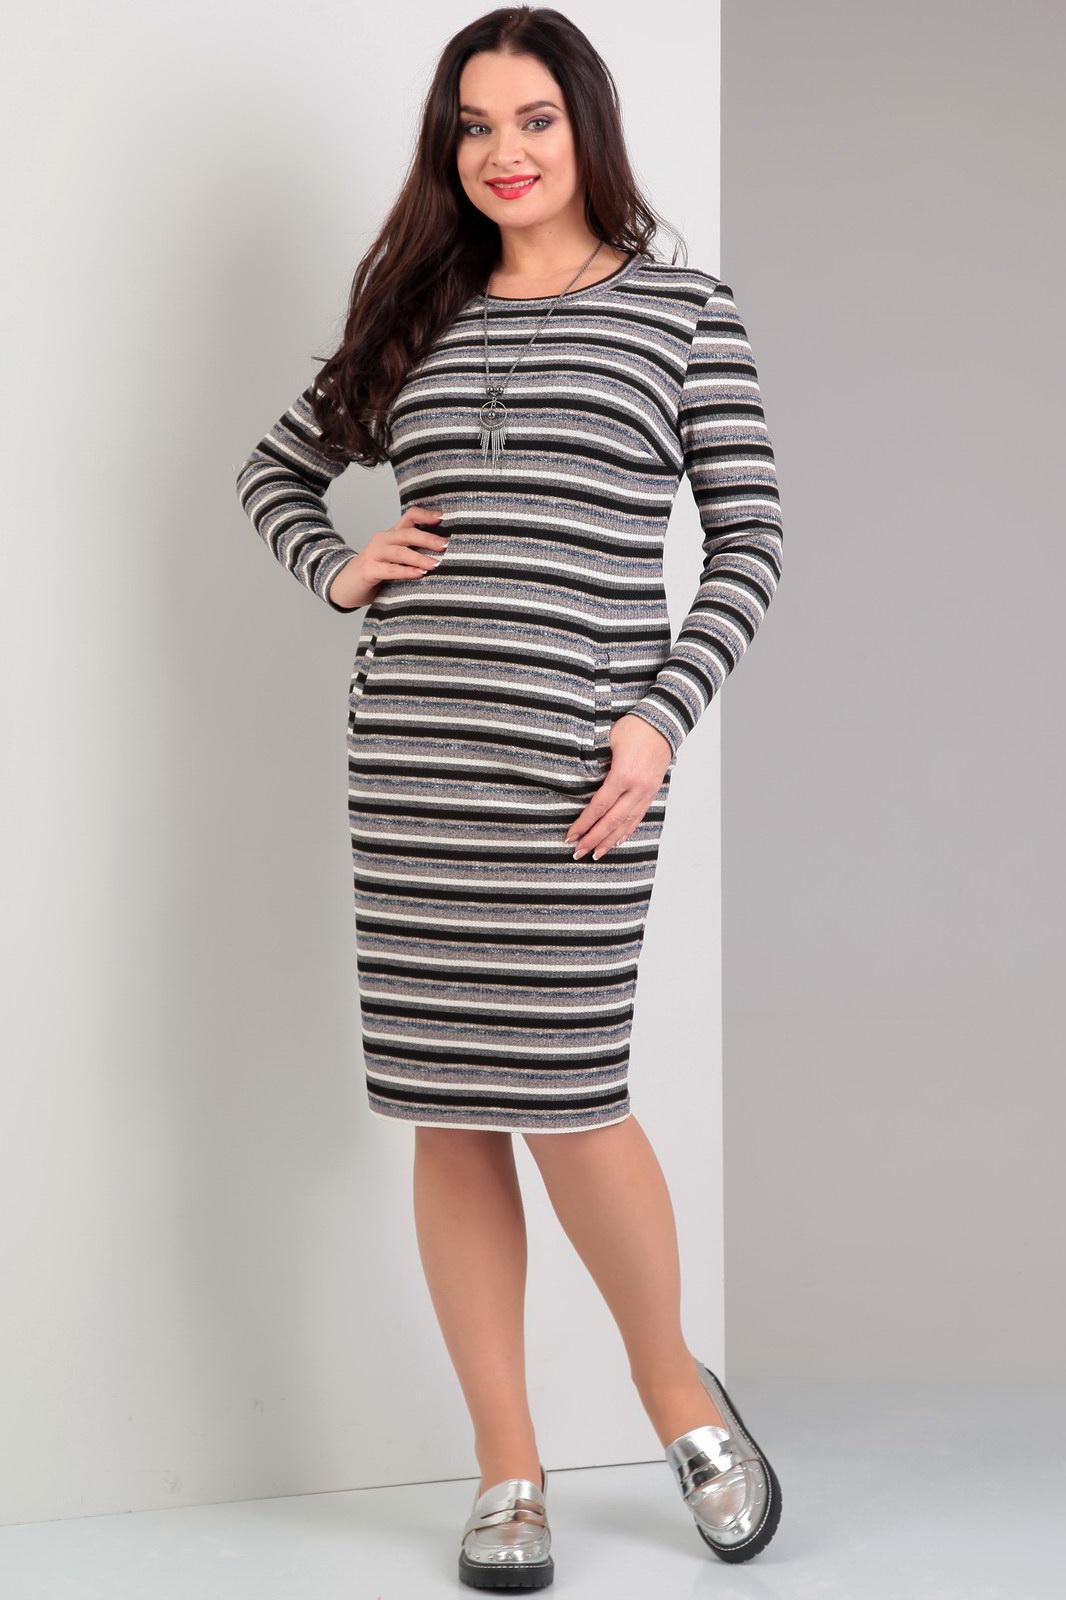 Купить женскую одежду оптом минск